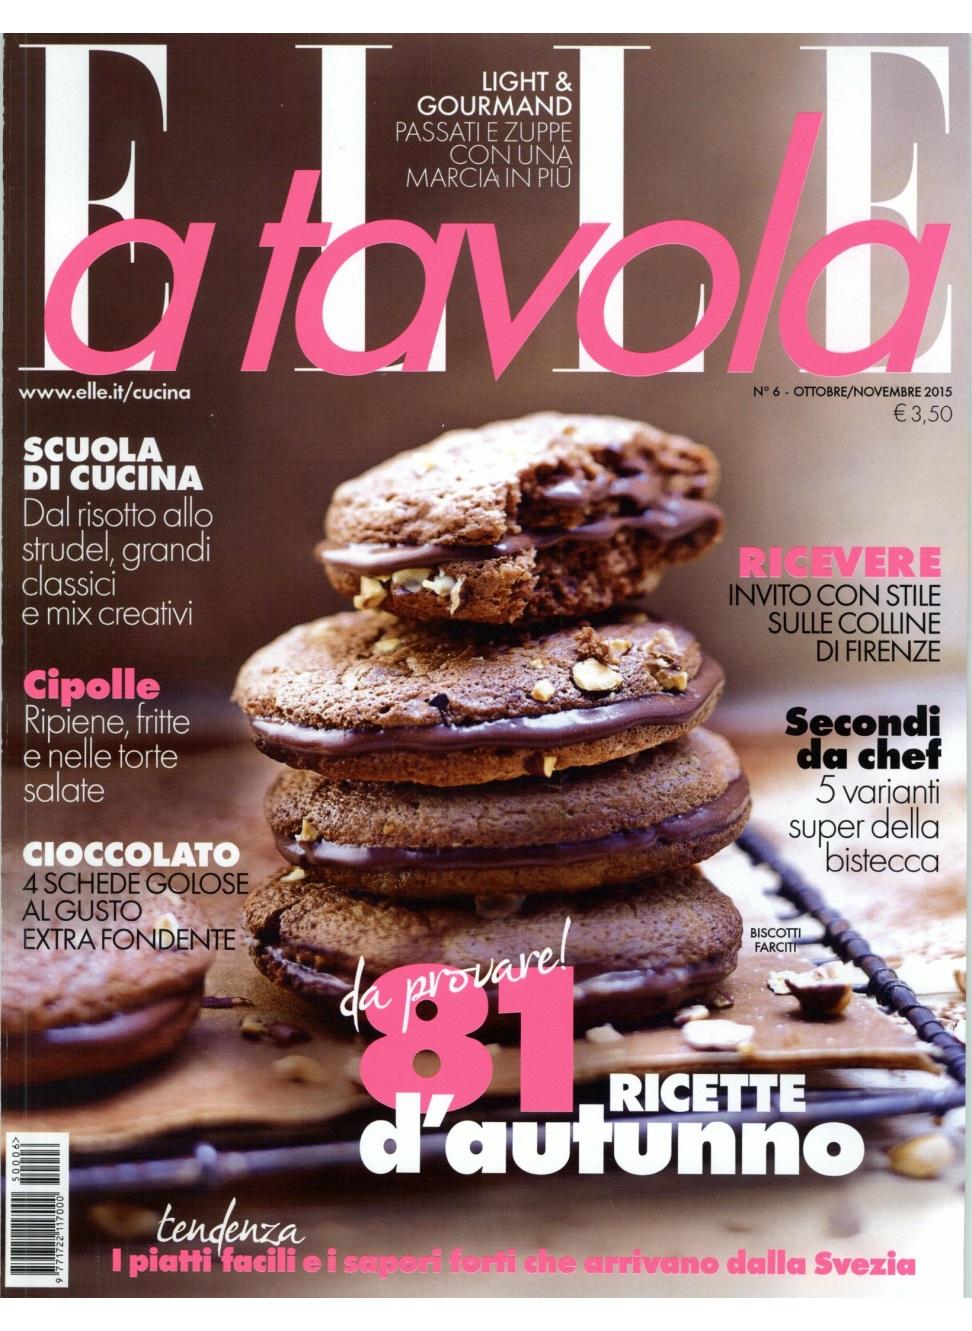 ELLE_A_TAVOLA_01.10.15_COVER